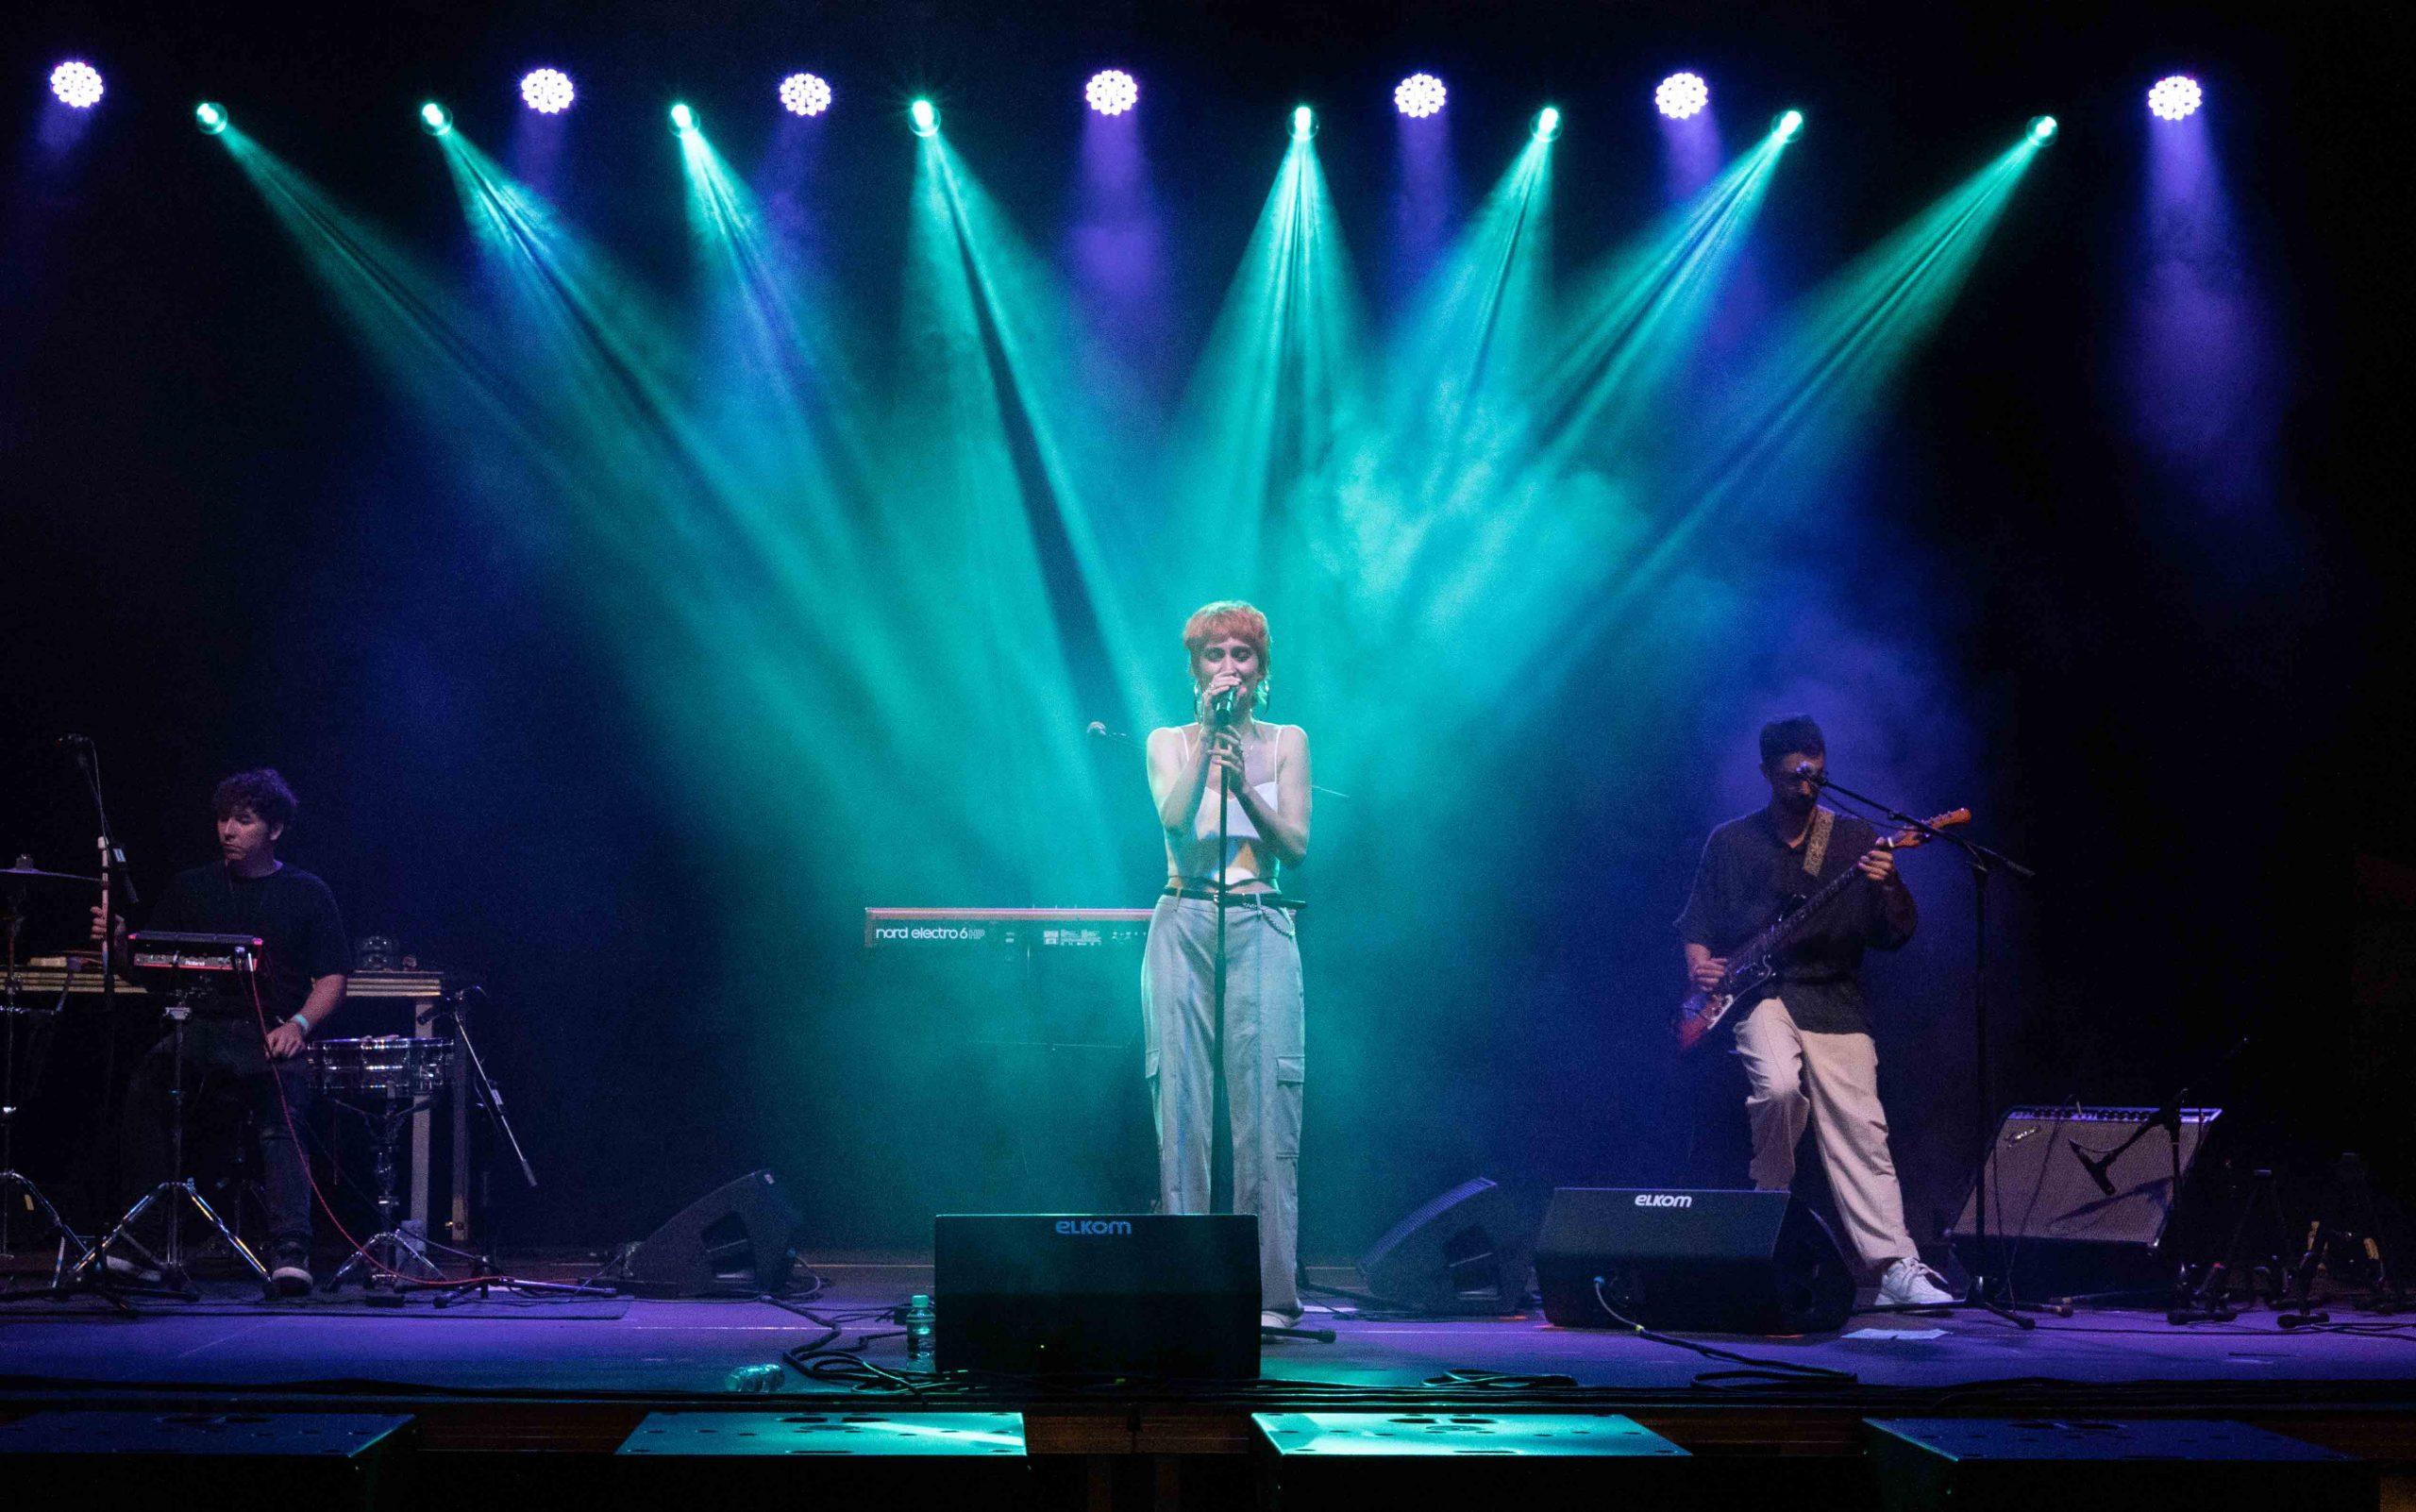 Ede cantando en su actuación durante el MAF 2021